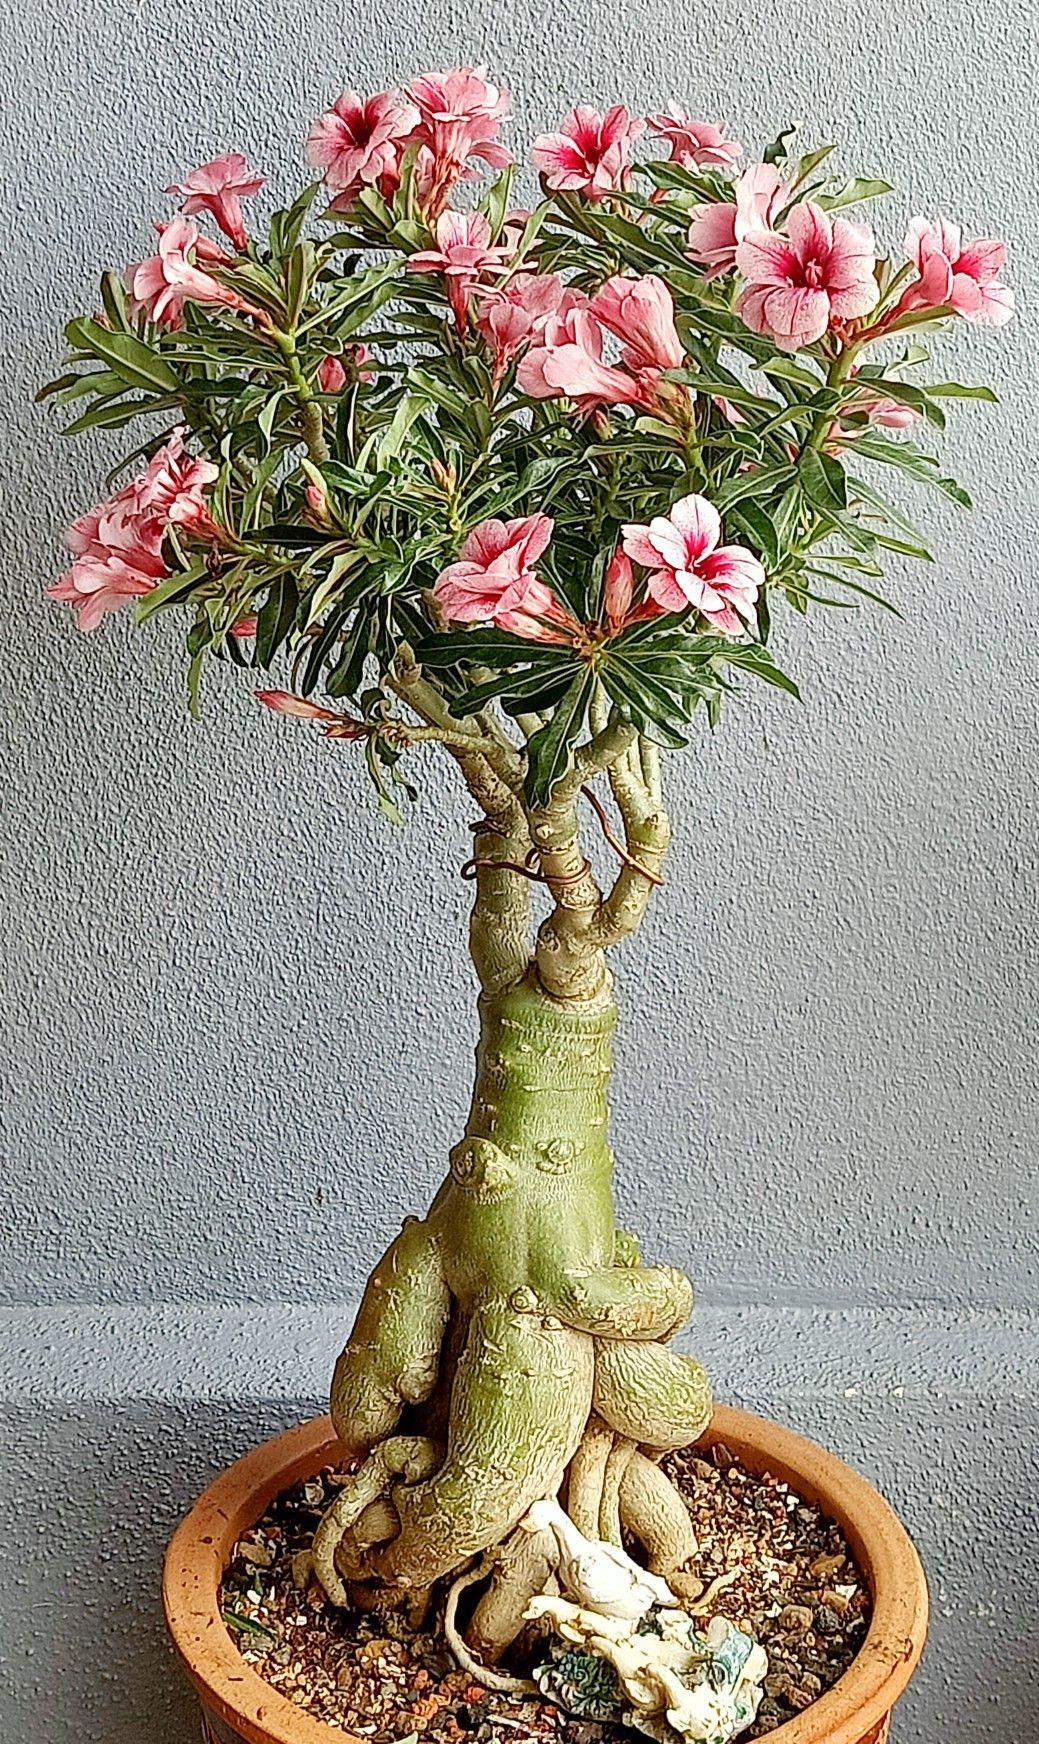 Pin de Cecilia Vidal em 美 em 2020 Rosa do deserto, Rosas